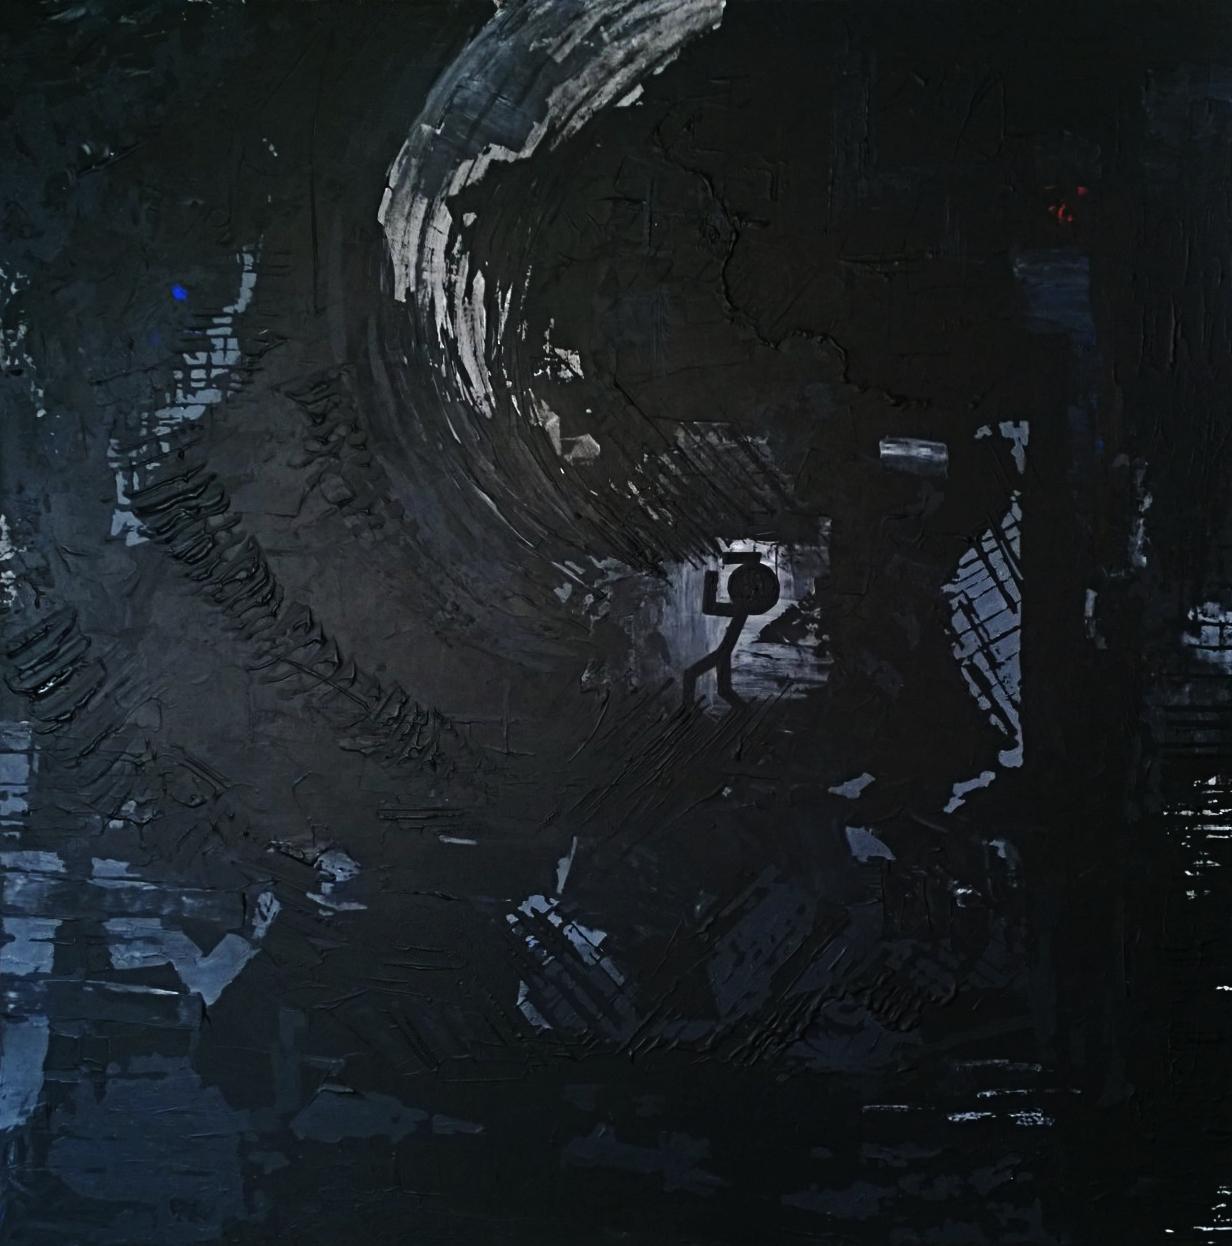 ANXIETY (anxiété)  acrylique sur toile, 100x100 cm  2'200 euros